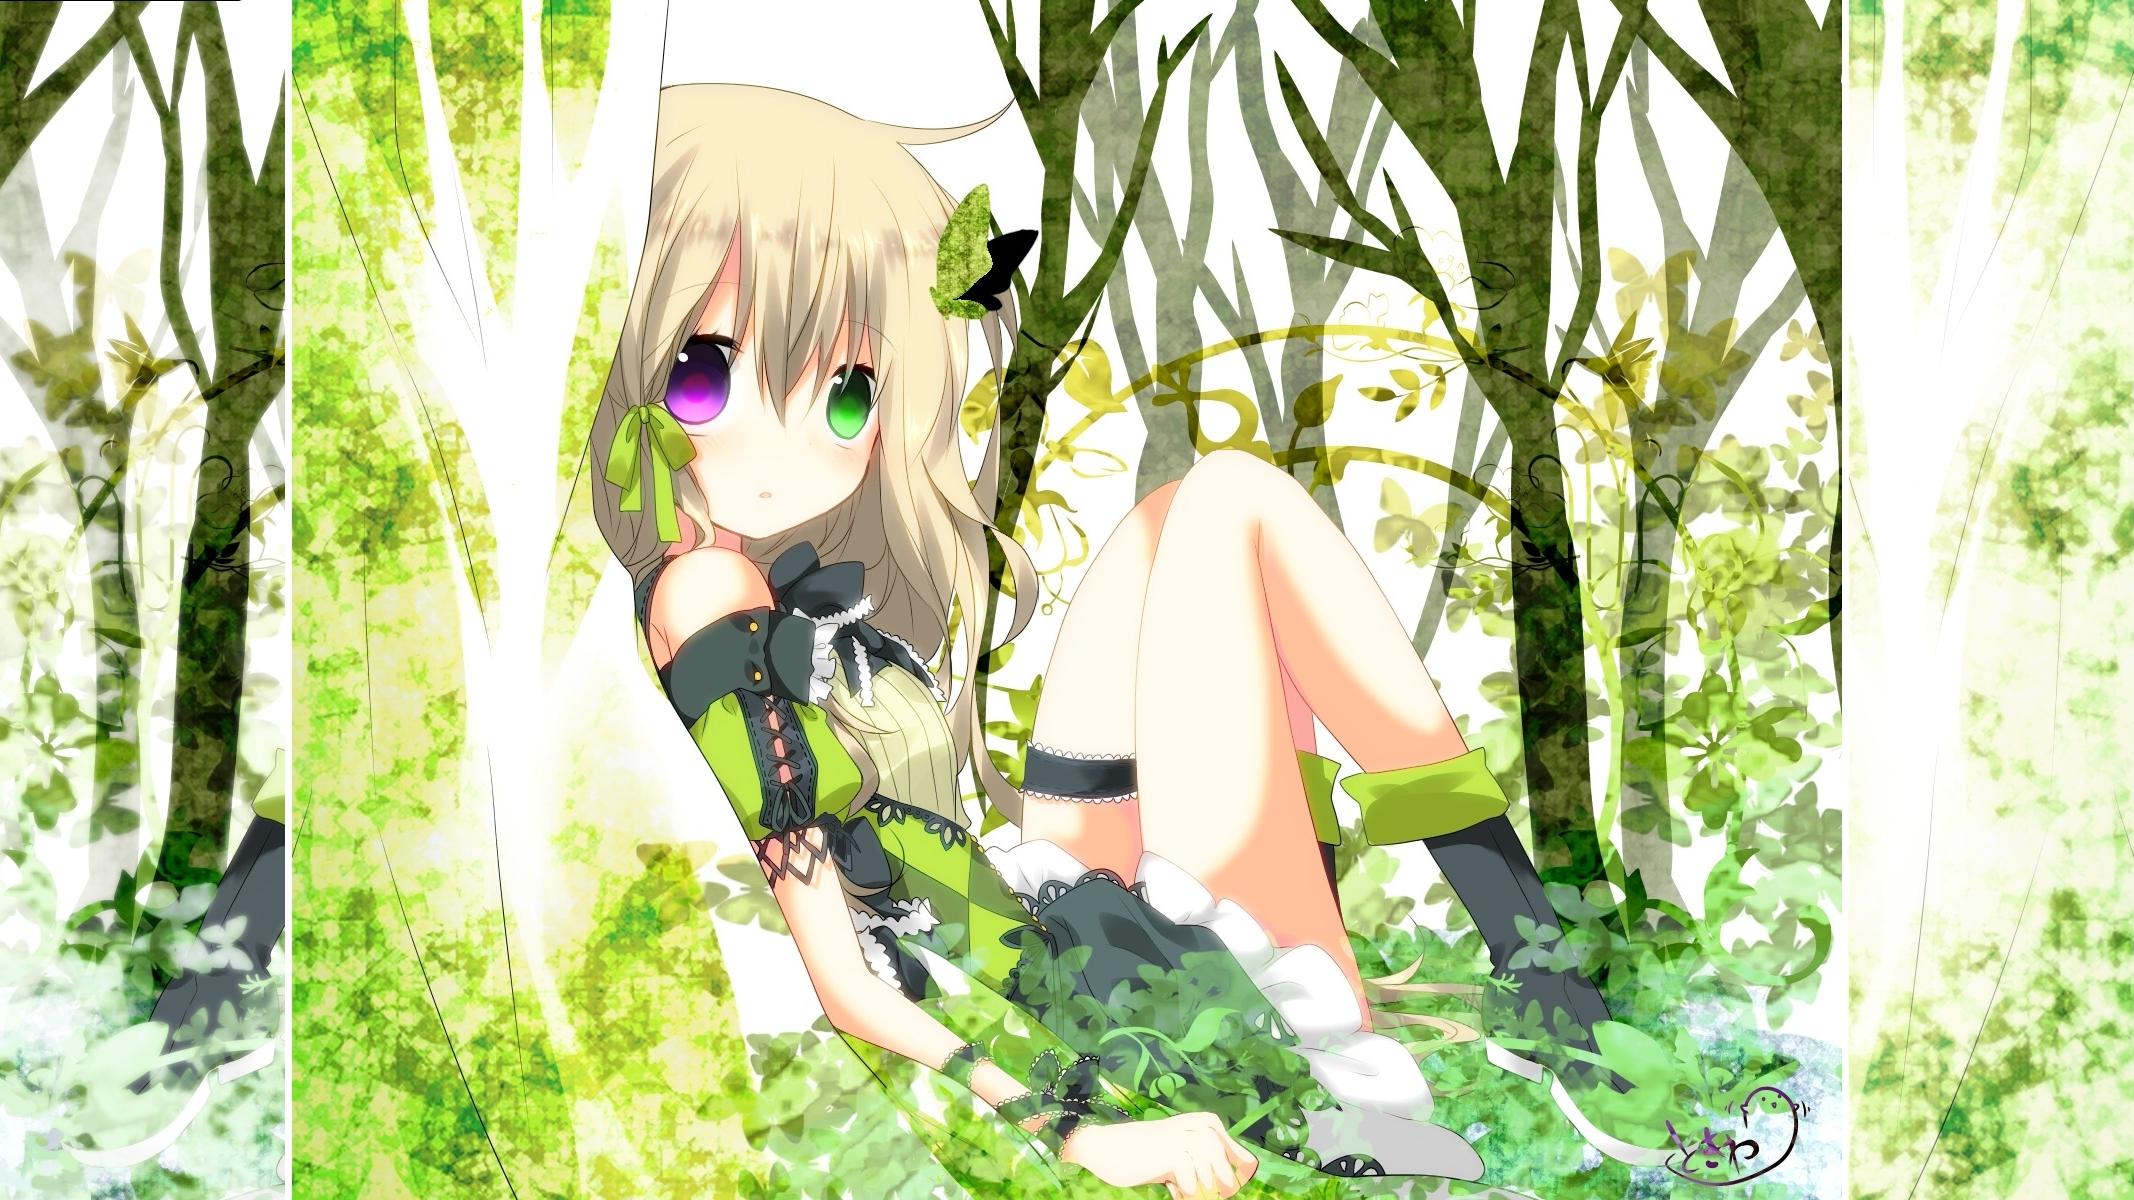 Anime - Unknown  Forest Green Dress Butterfly Blonde Purple Eyes Green Eyes Wallpaper